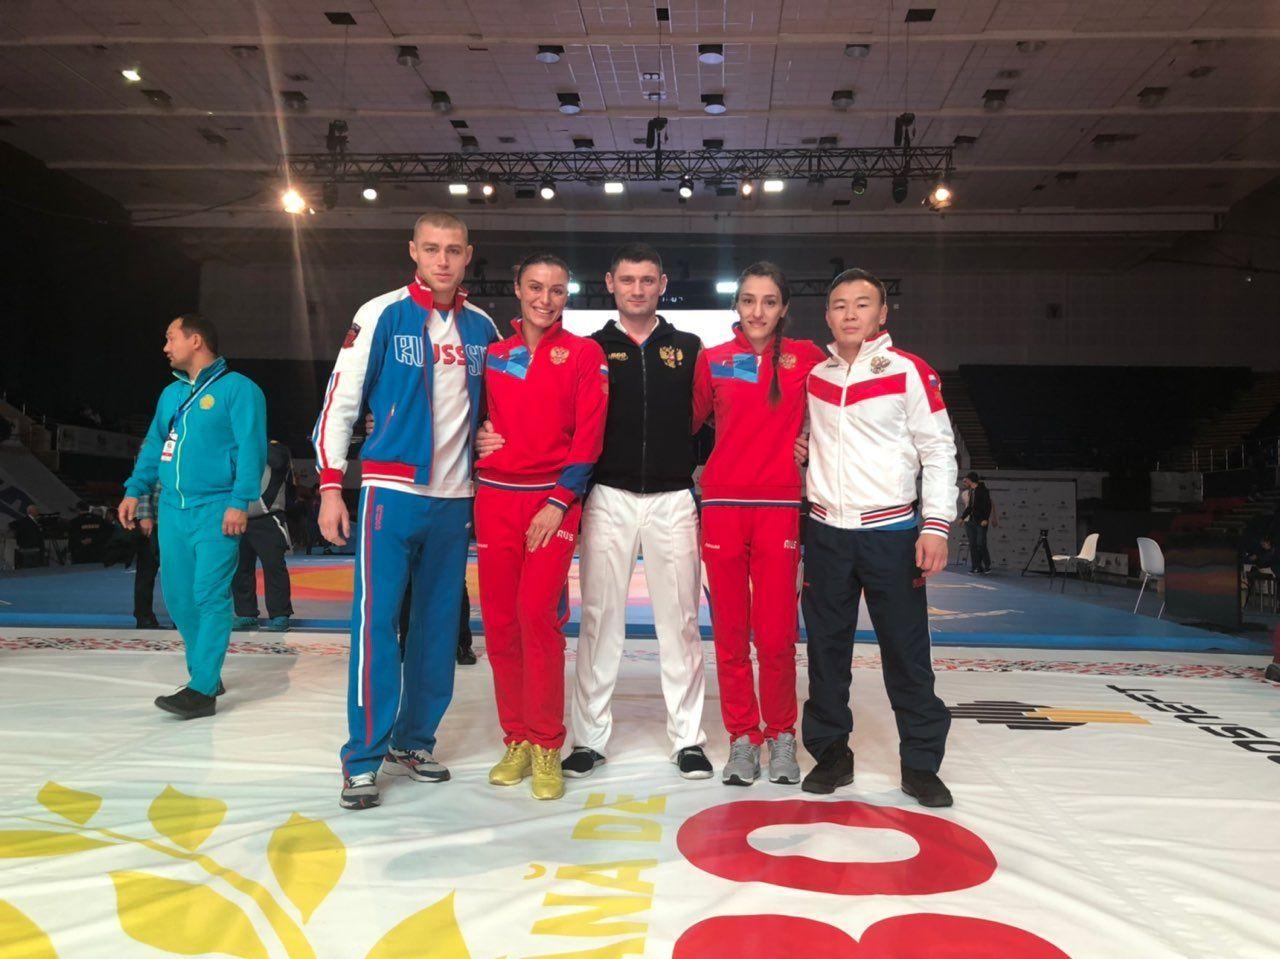 Секретарь Общественного совета при УВД по ТиНАО Яна Костенко завоевала золотую медаль и стала обладательницей титула четырехкратной чемпионки мира по самбо